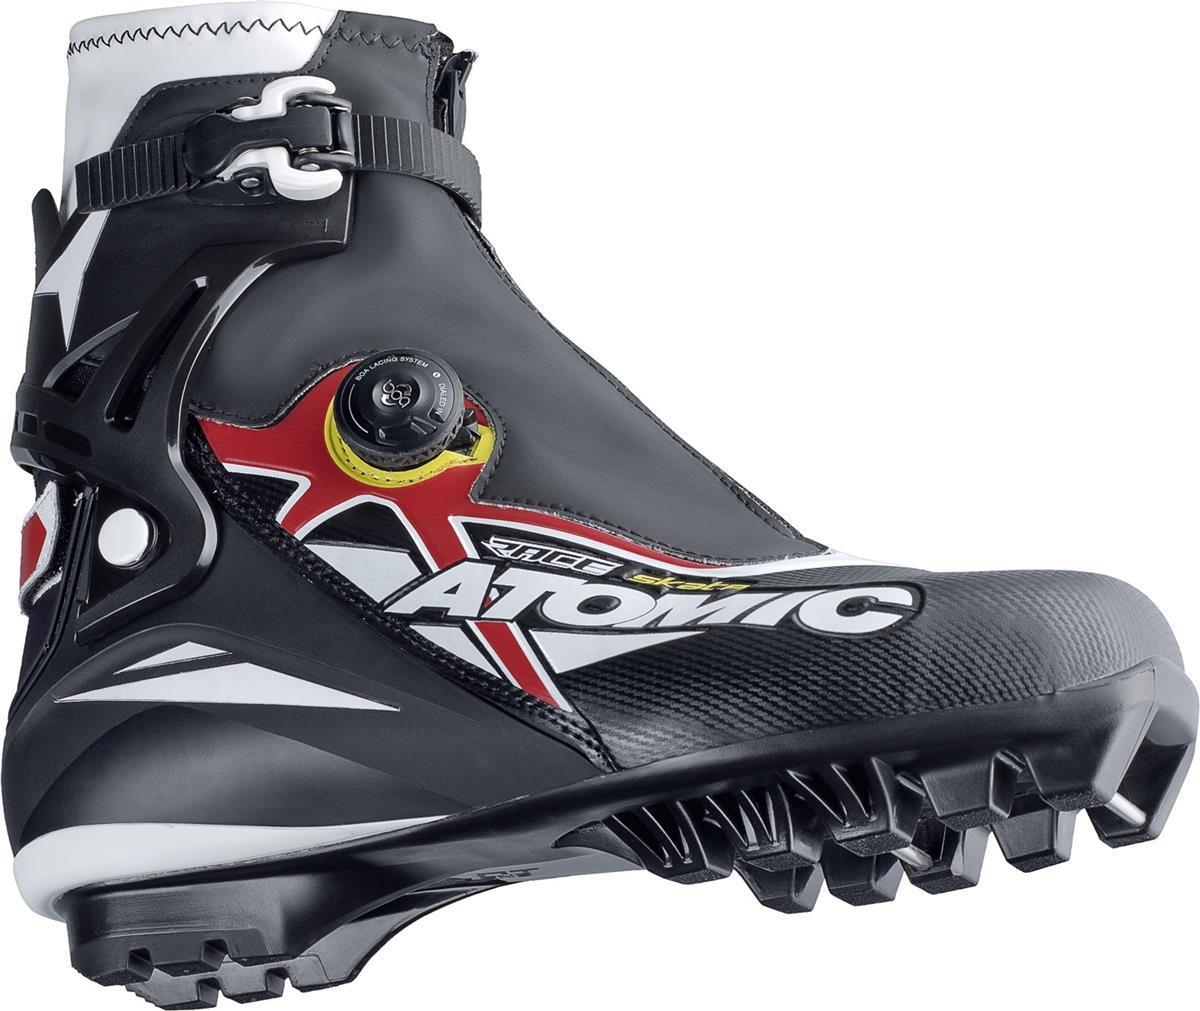 Boty Atomic Race Skate  8dc25549ec